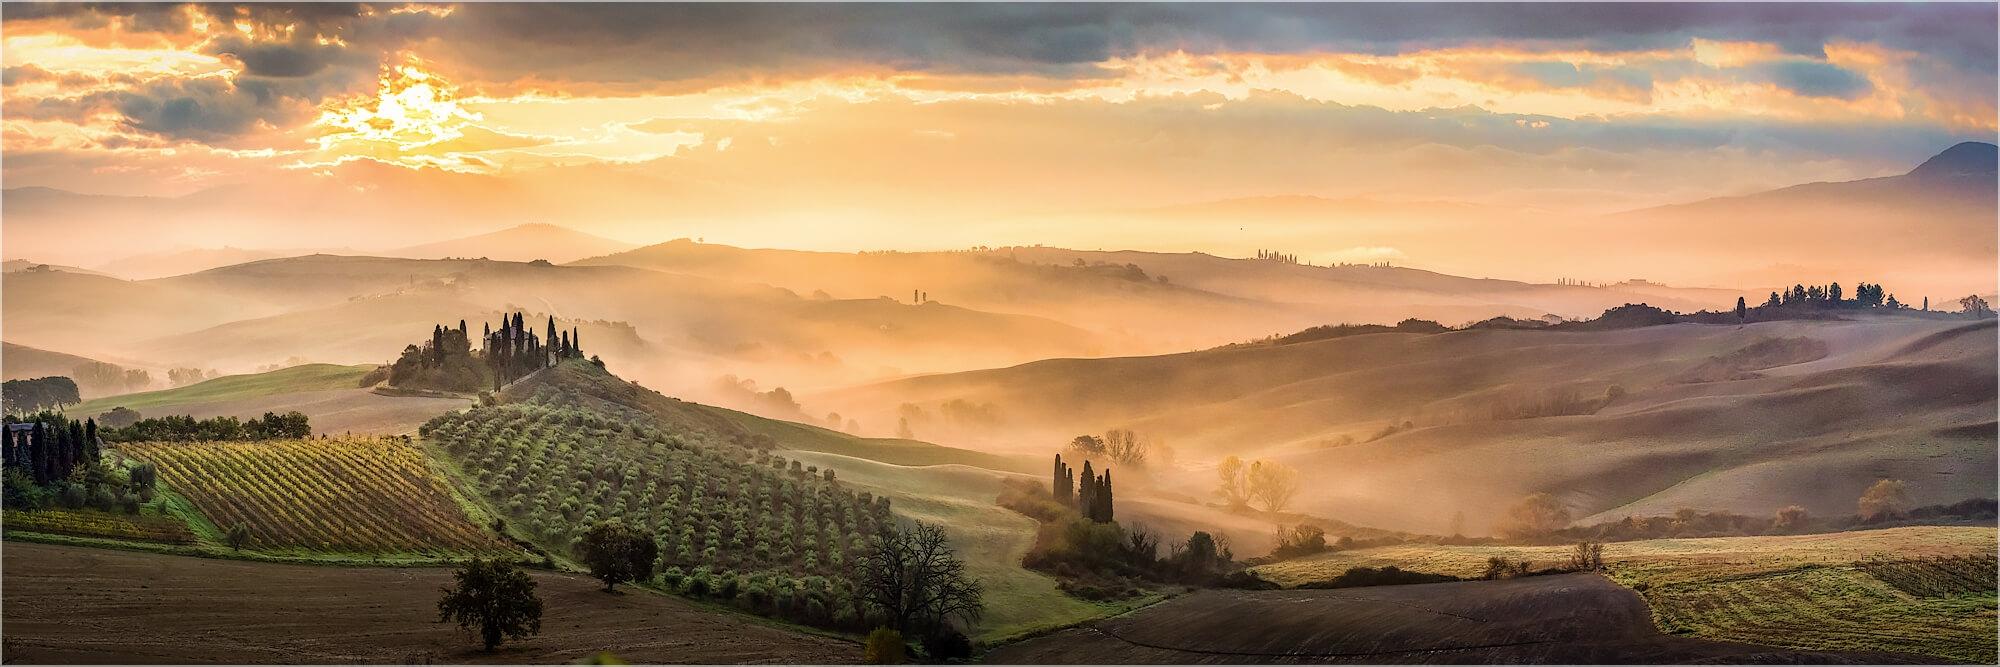 Panoramafoto goldener Frühnebel in der Toskana